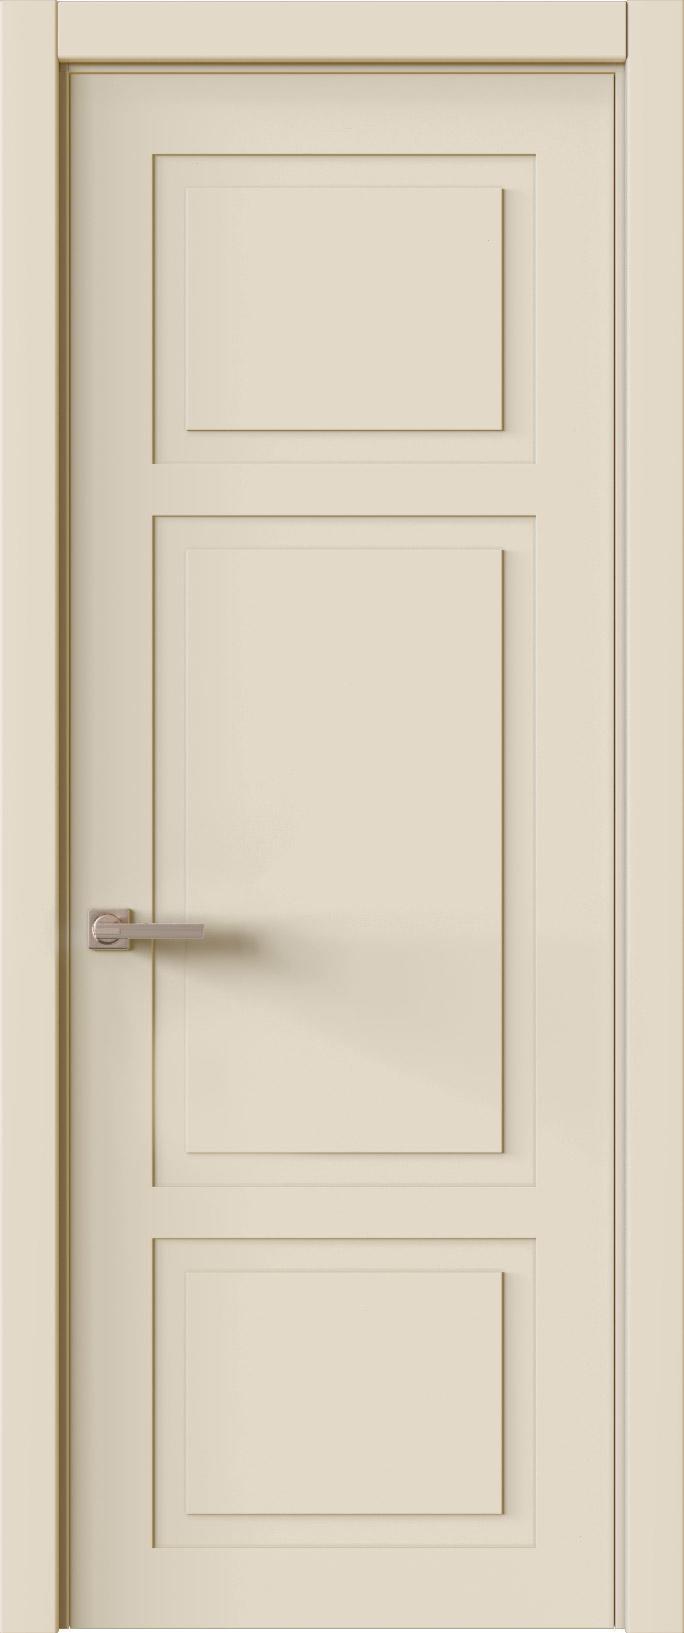 Tivoli К-5 цвет - Жемчужная эмаль (RAL 1013) Без стекла (ДГ)